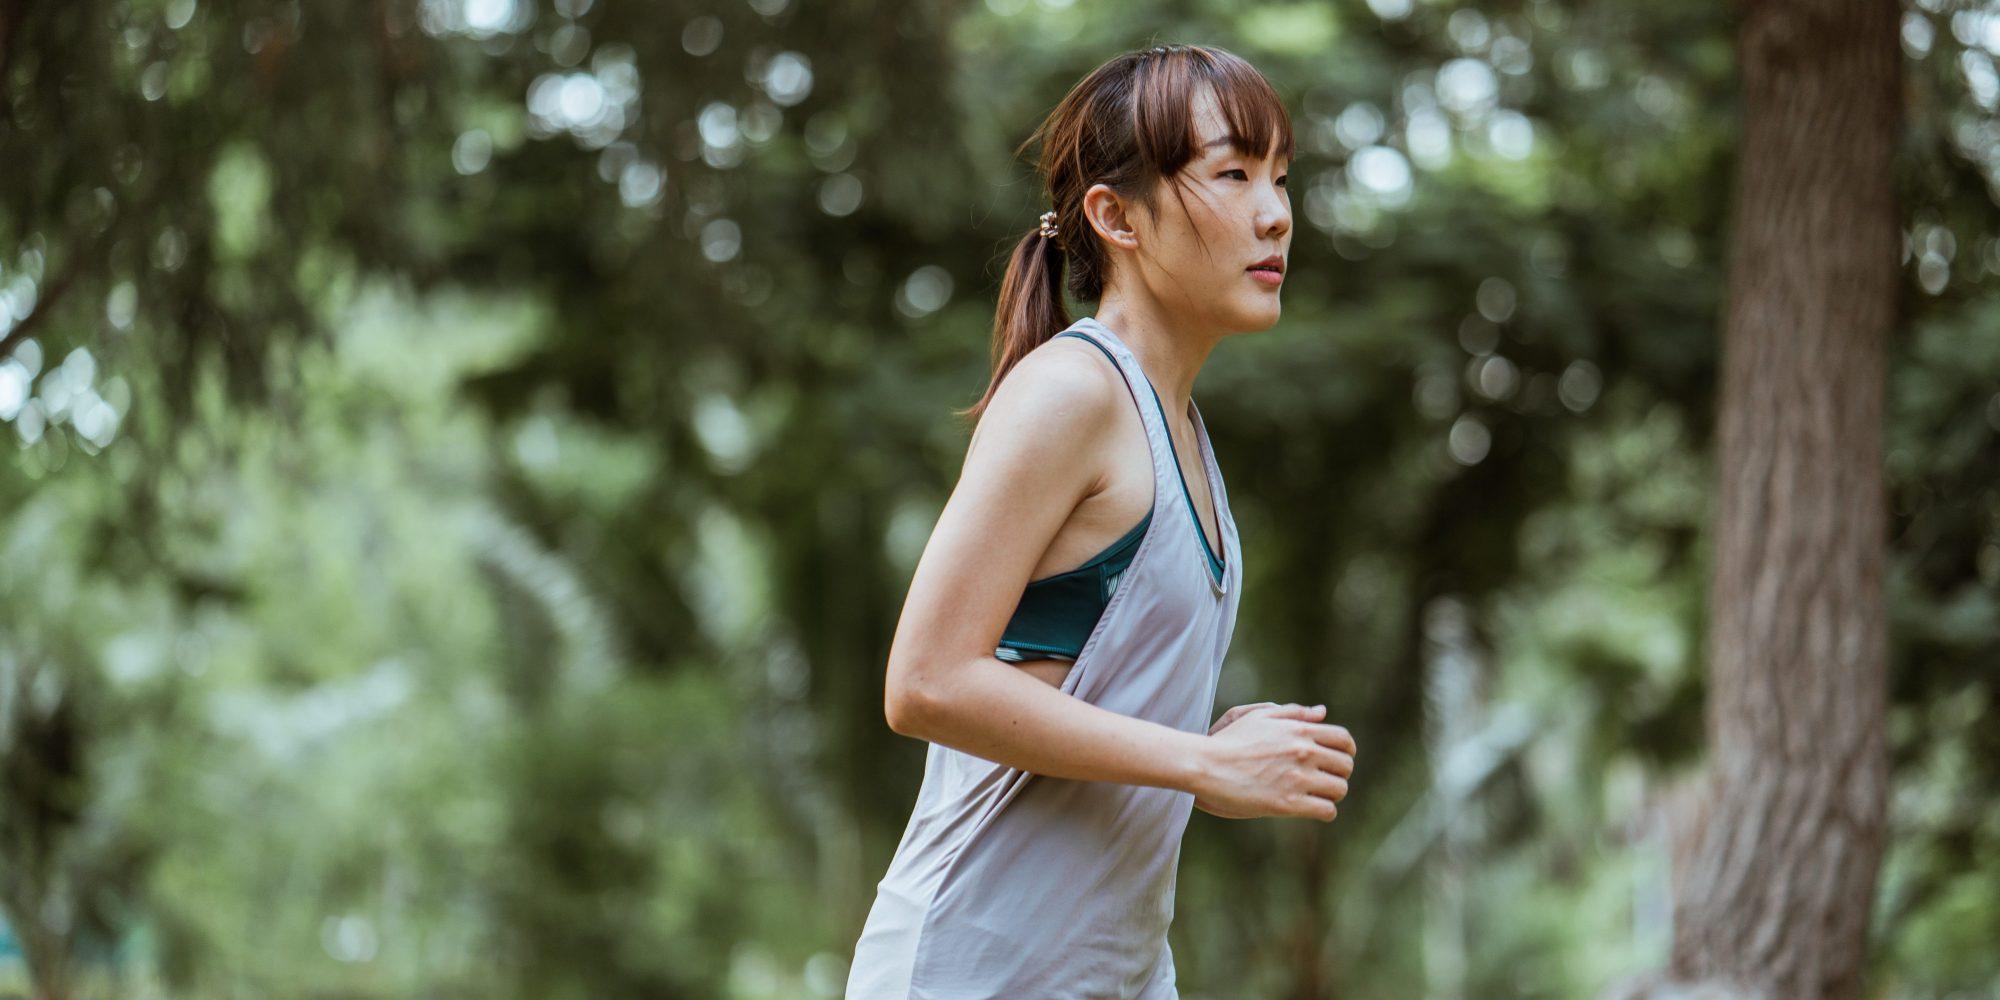 Κάνεις διατροφή κι ενώ έχανες, ξαφνικά κόλλησες; Σύμφωνα με την επιστήμη με αυτό το workout θα ξεκολλήσεις Ο μεταβολισμός σου δεν ανταποκρίνεται στις προσπάθειες σου για απώλεια βάρους; Κι όμως υπάρχει τρόπος να τον ξεμπλοκάρεις.